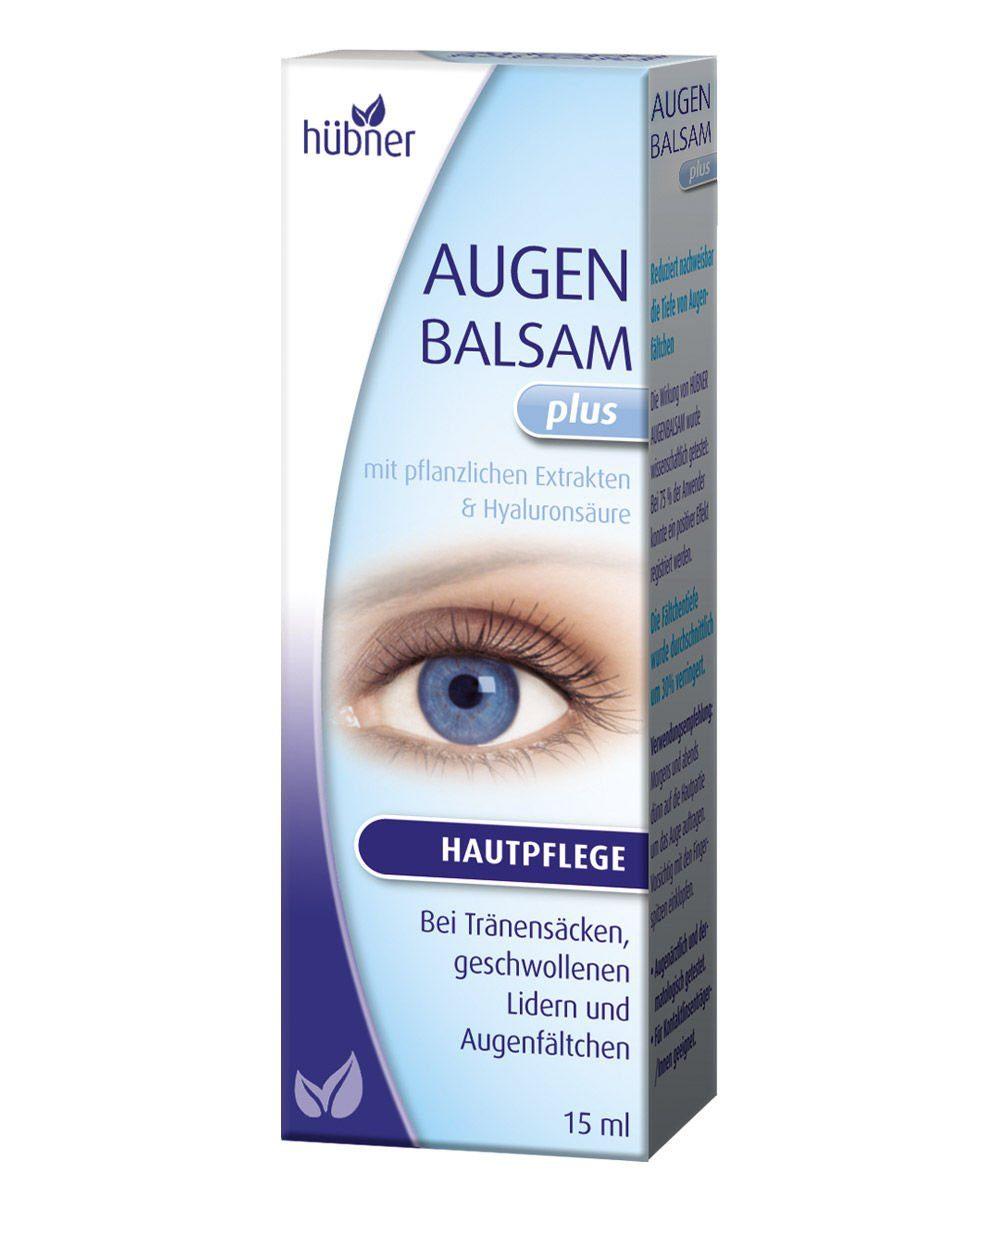 Anton Hübner GmbH & Co. KG Augenbalm »Augenbalsam Plus«